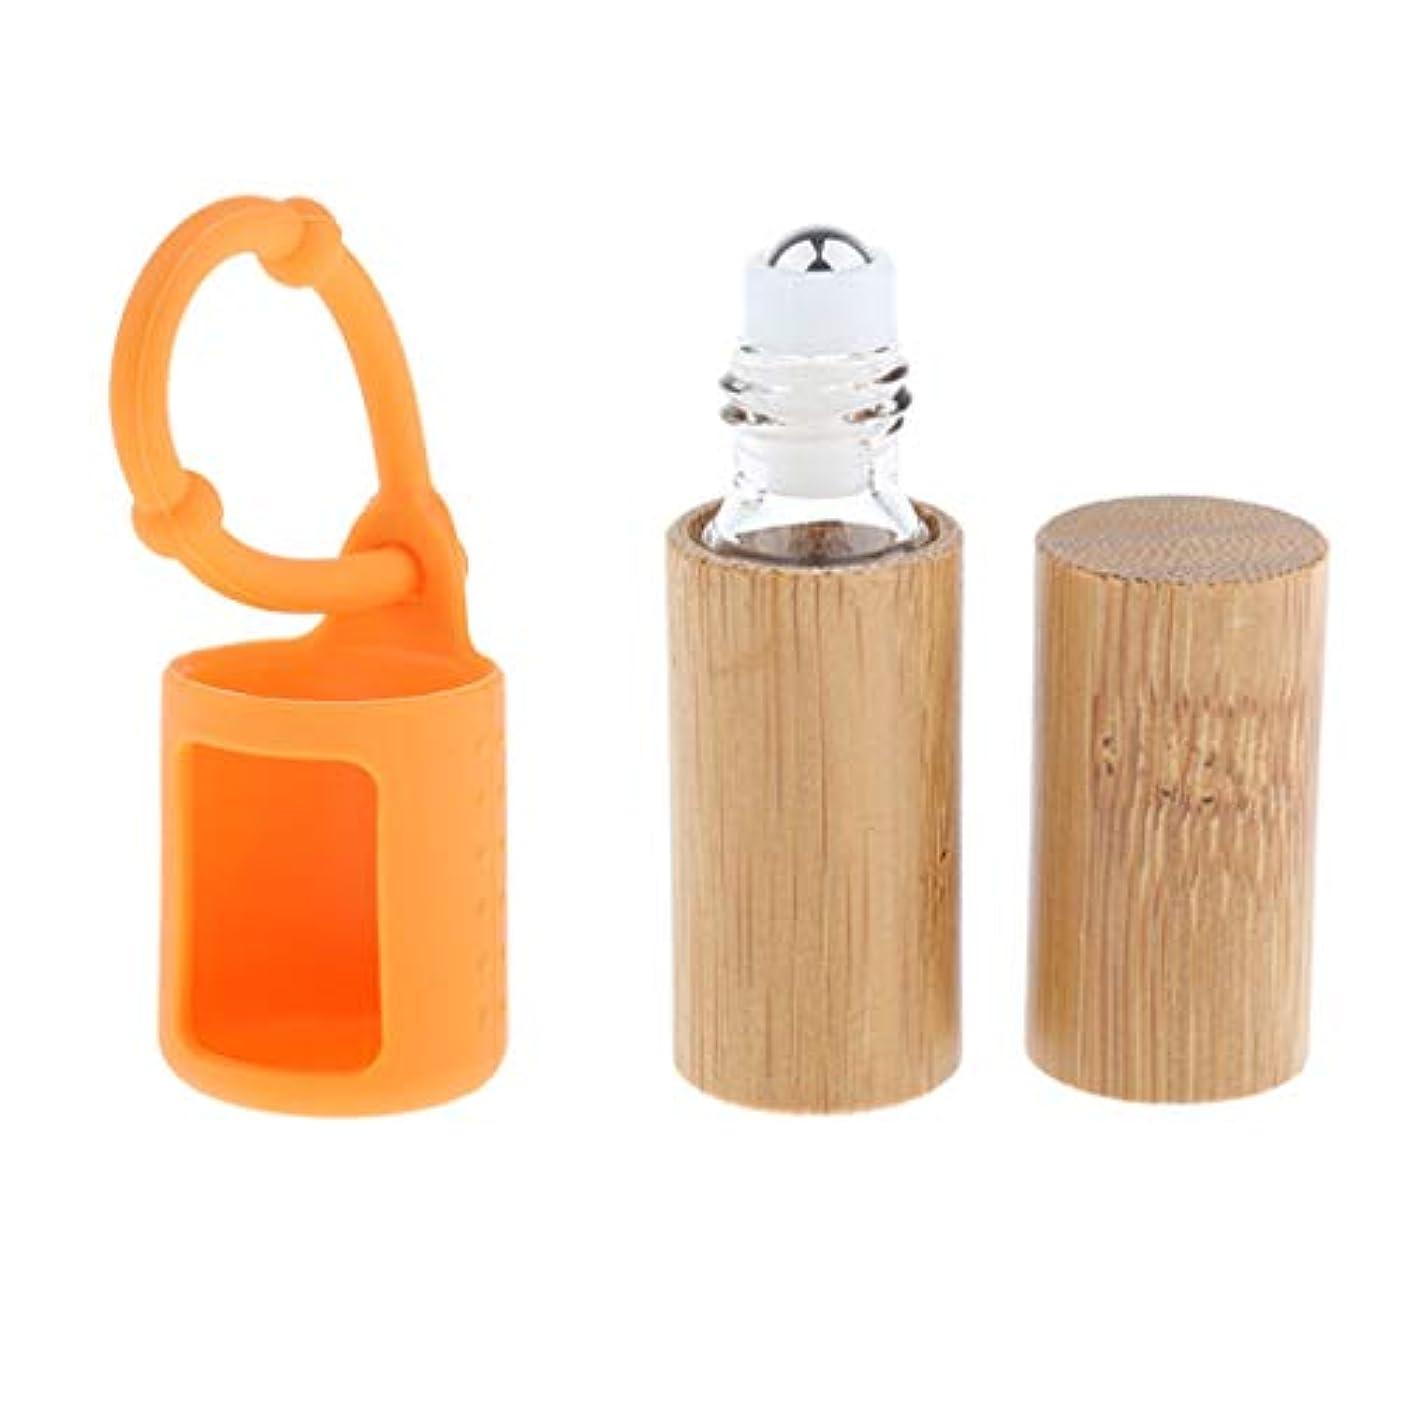 電子充実バスD DOLITY 竹ボトル エッセンシャルオイル 香水 オイル 精油瓶 詰め替え 5ミリ 吊り掛けバッグ付